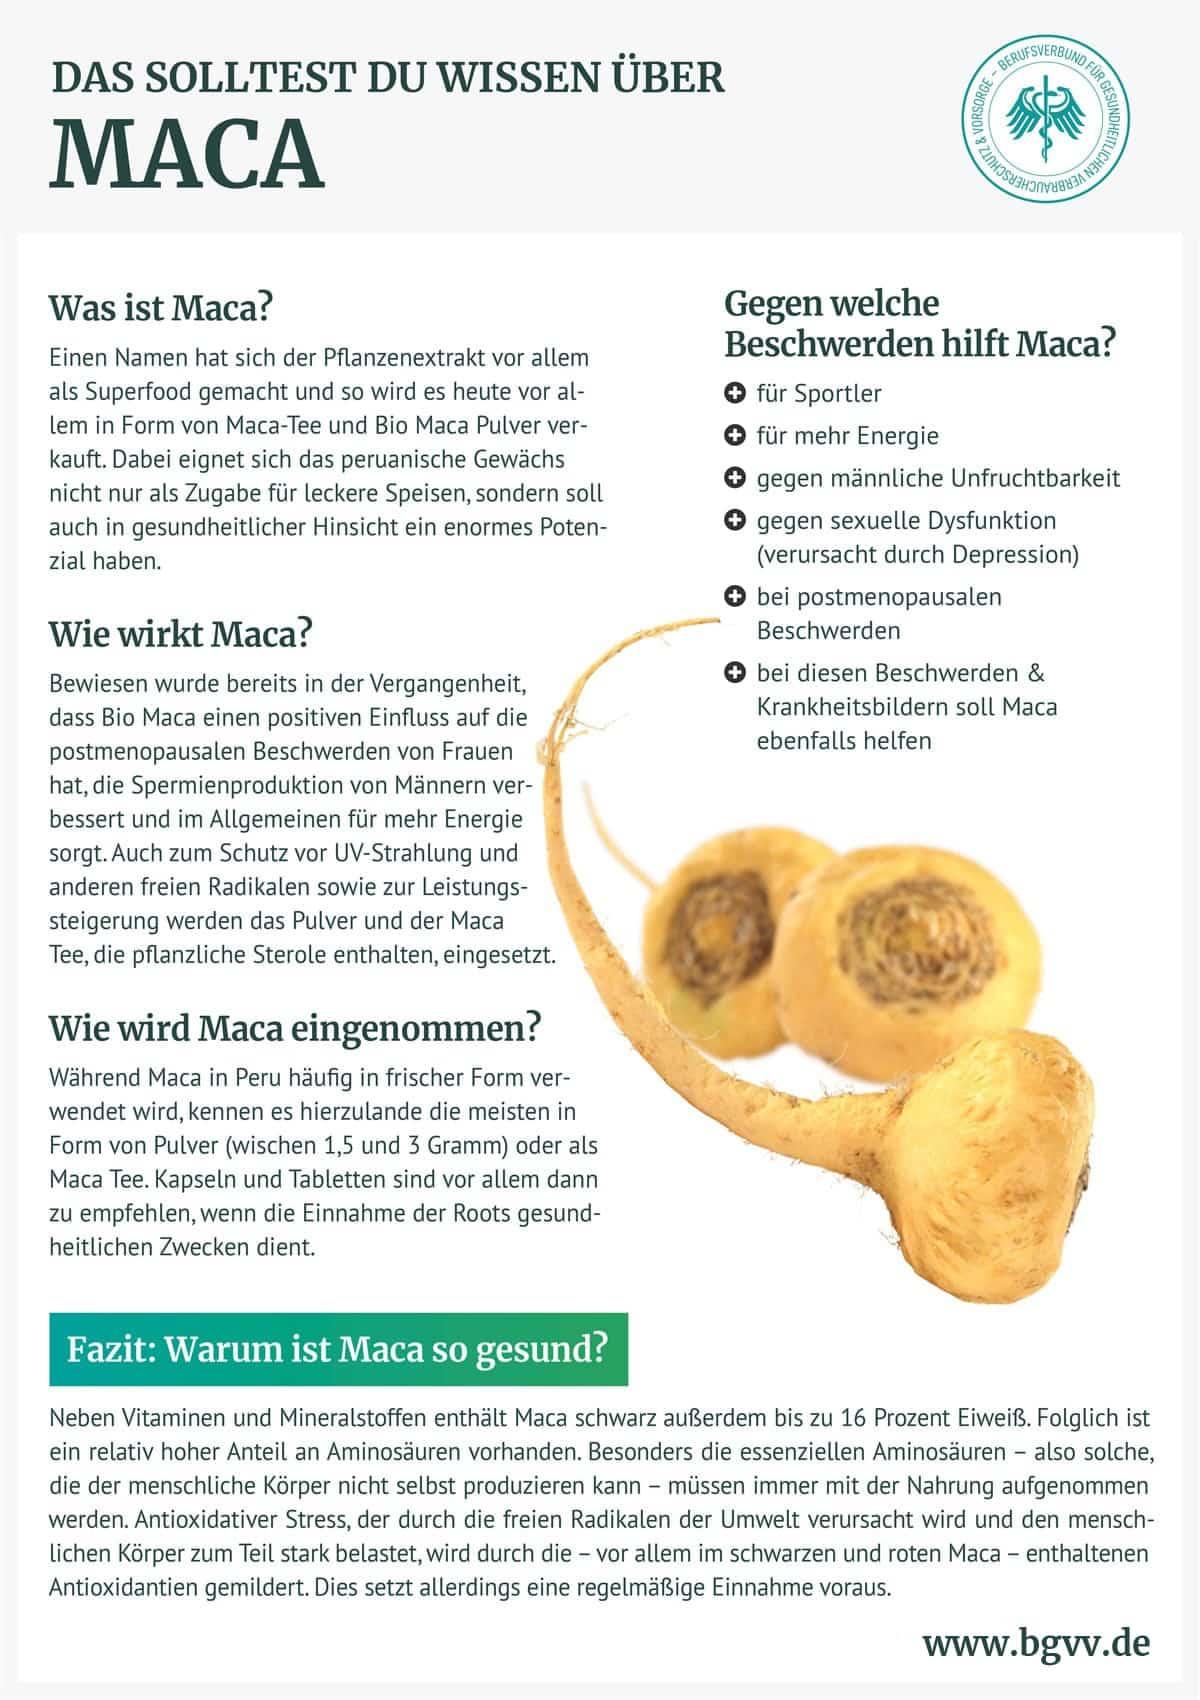 BGVV Maca Infografik